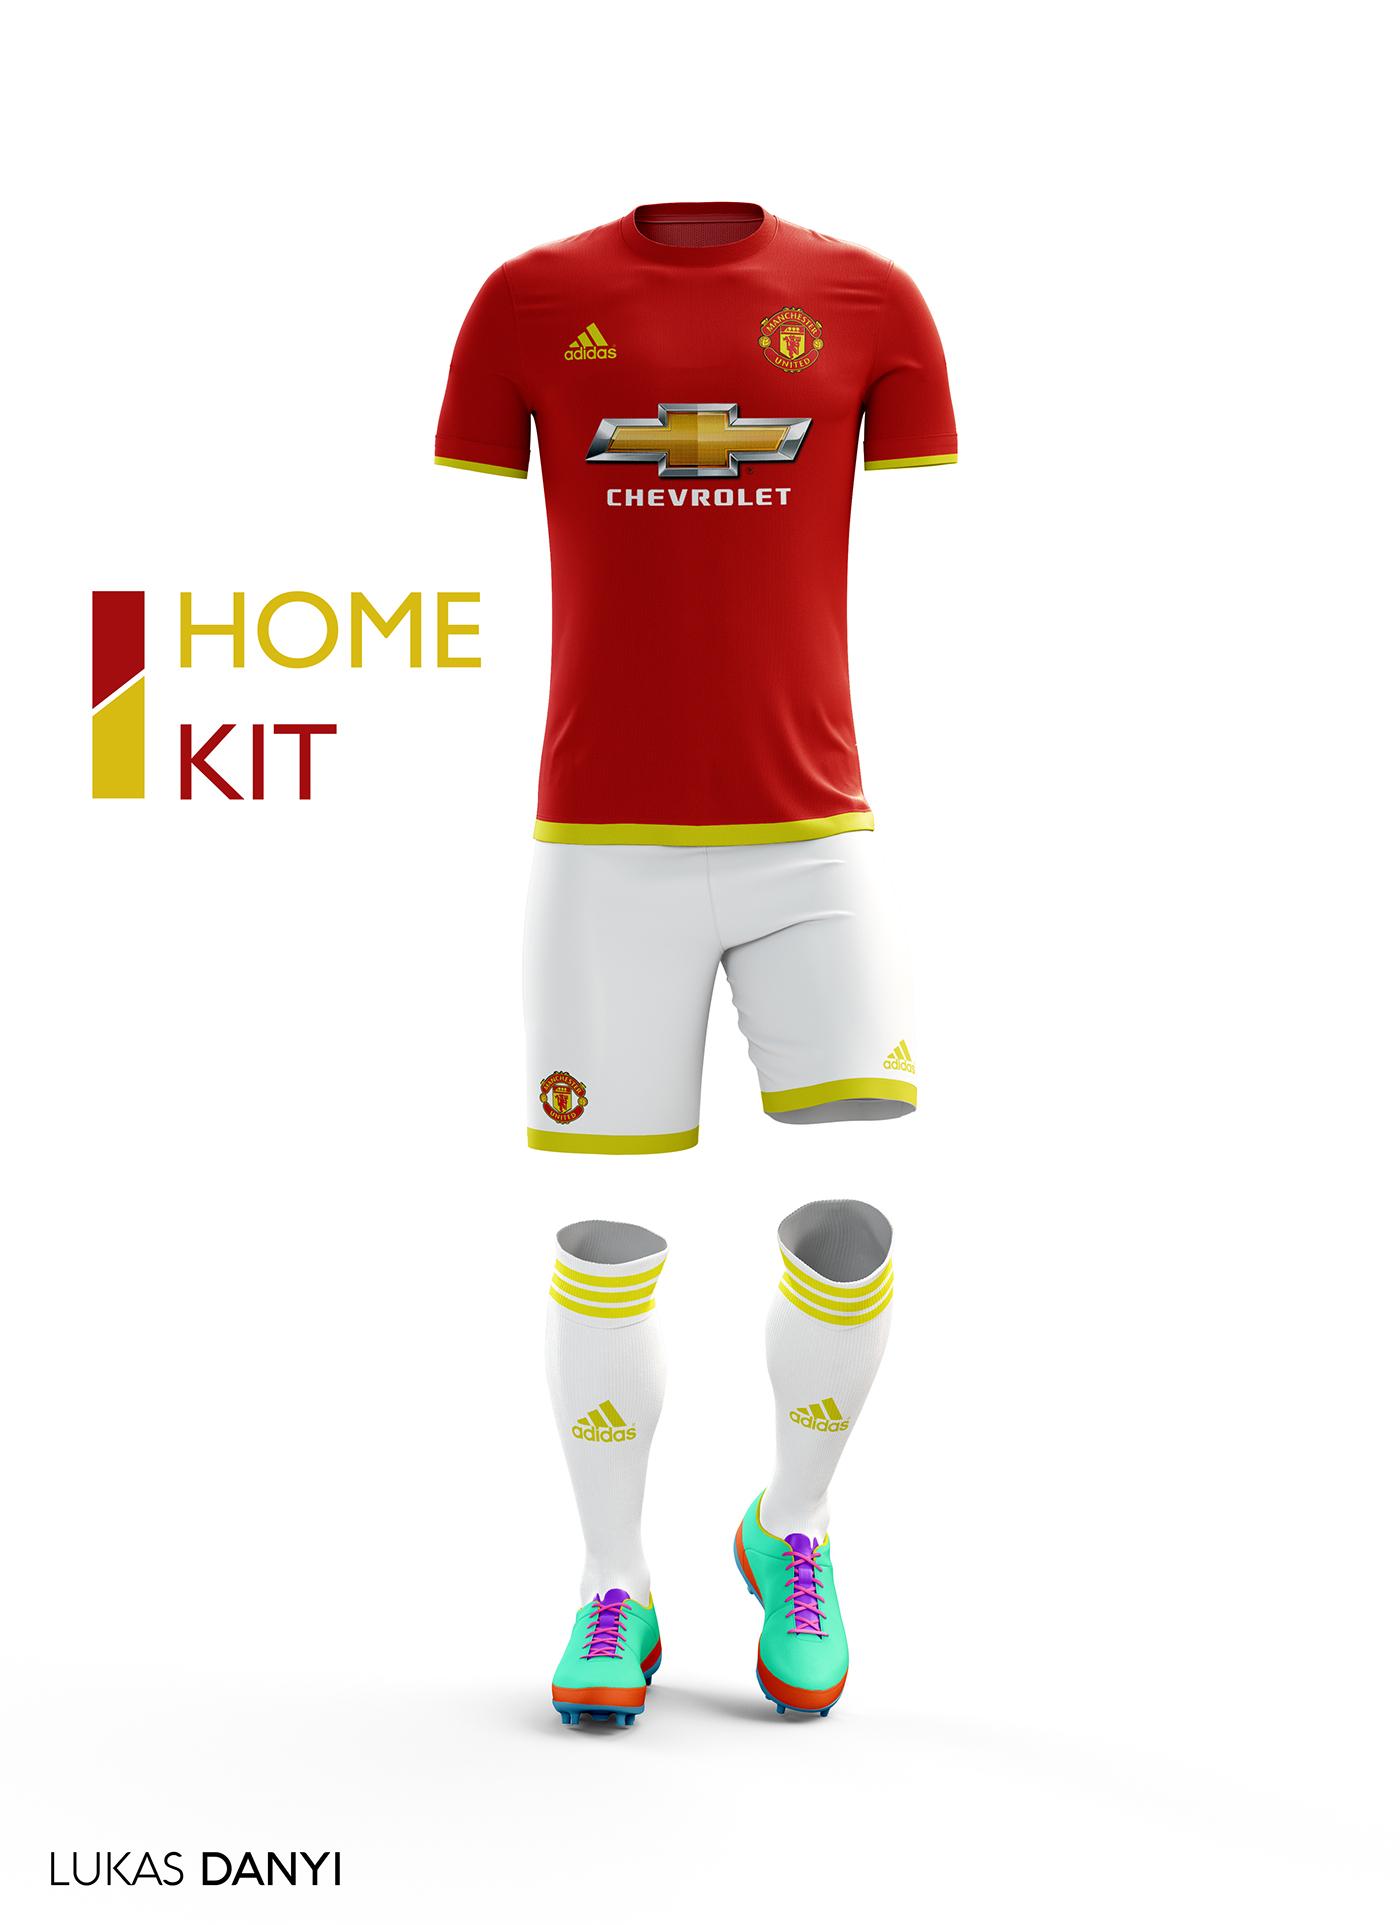 Manchester United Football Kit 16/17. on Behance